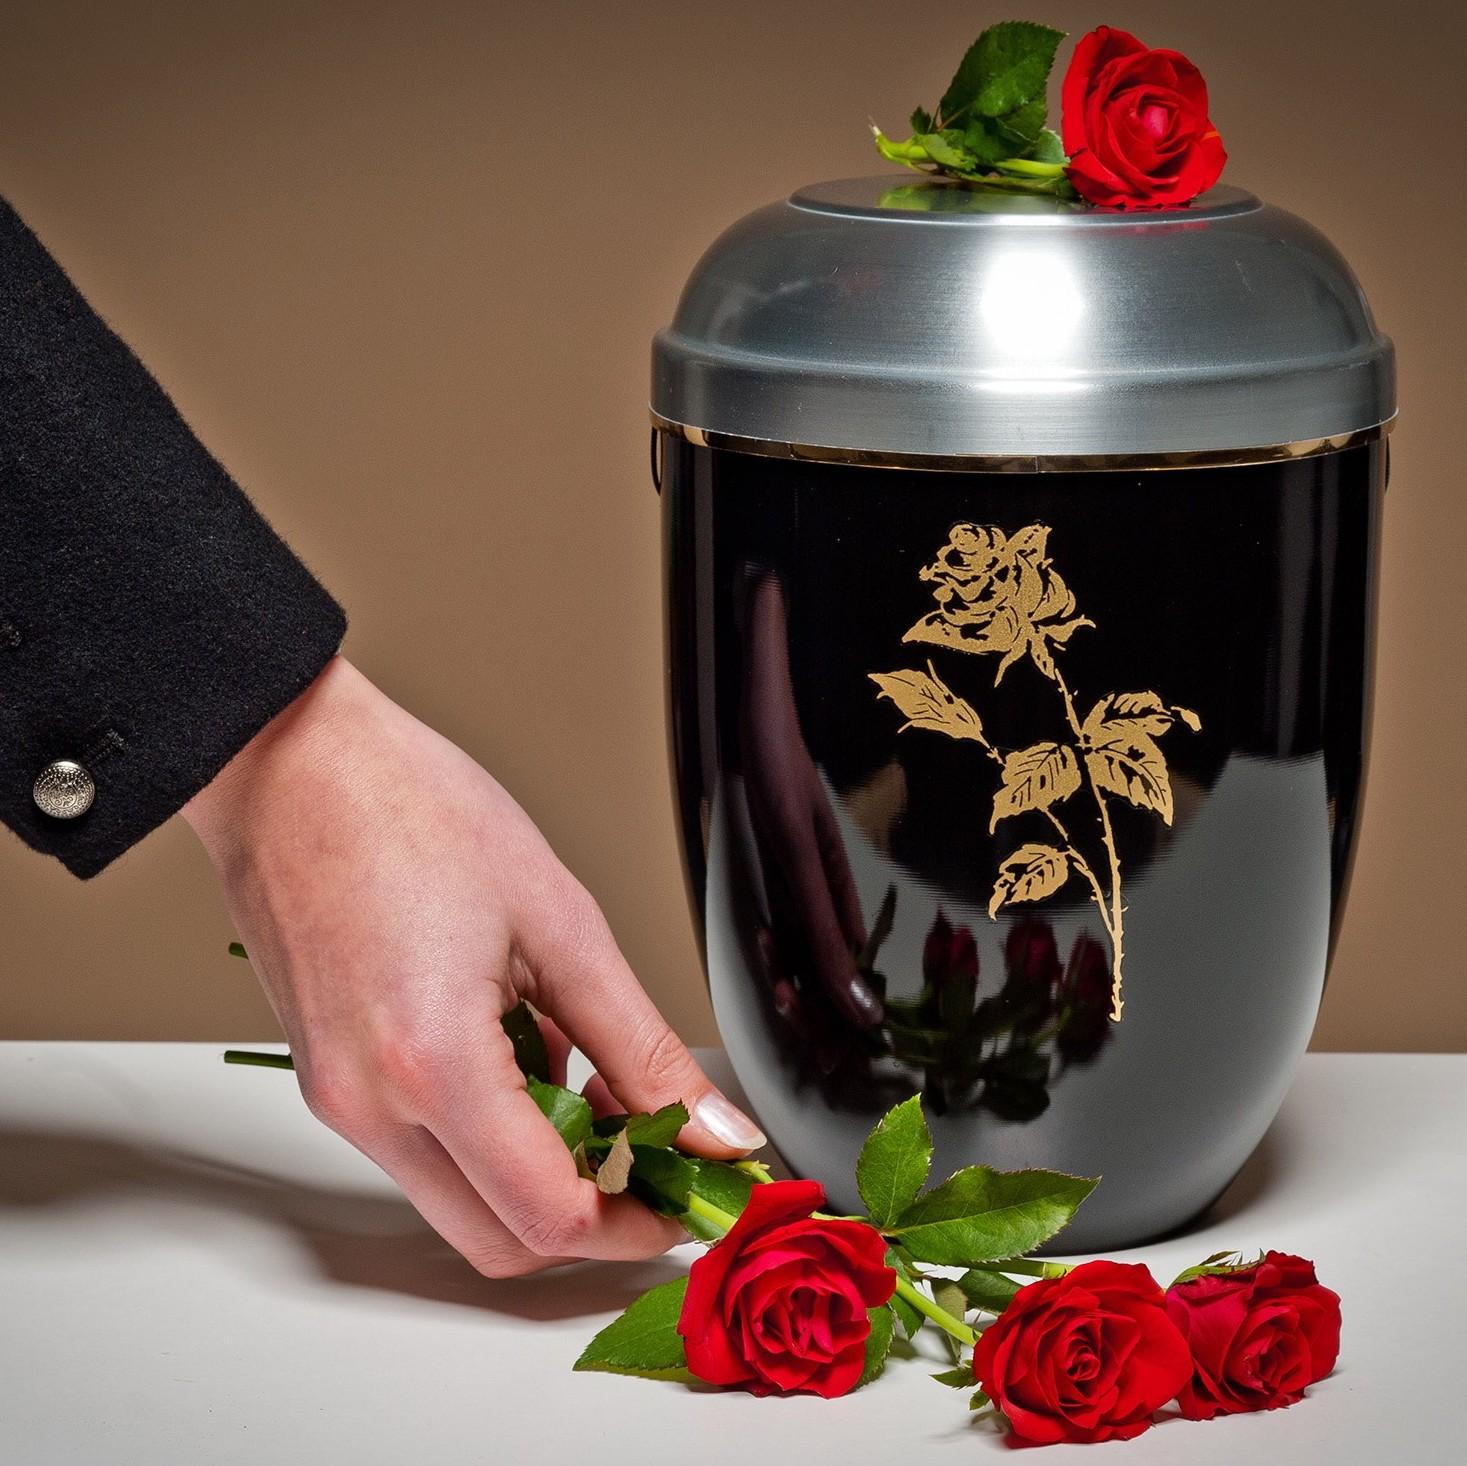 Funerale con cremazione costi medi 2019 a Milano, Roma e altre città italiane